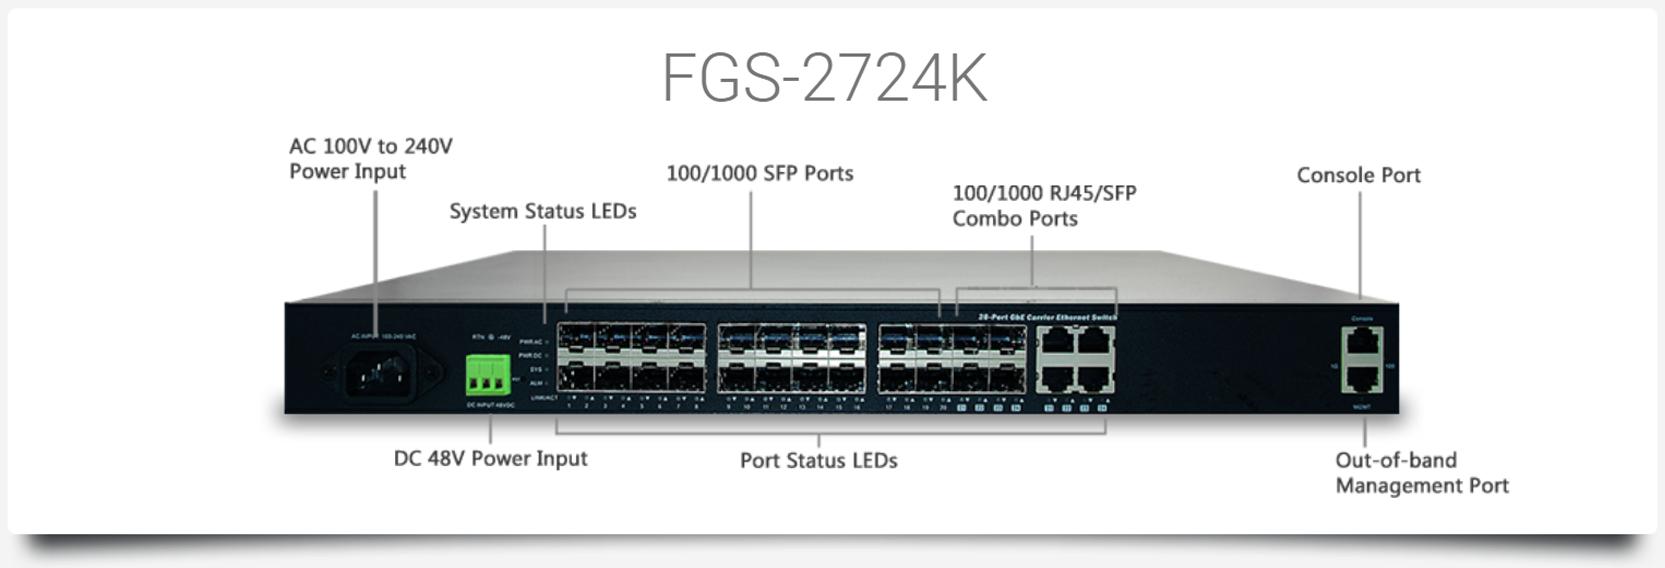 FGS-2724K